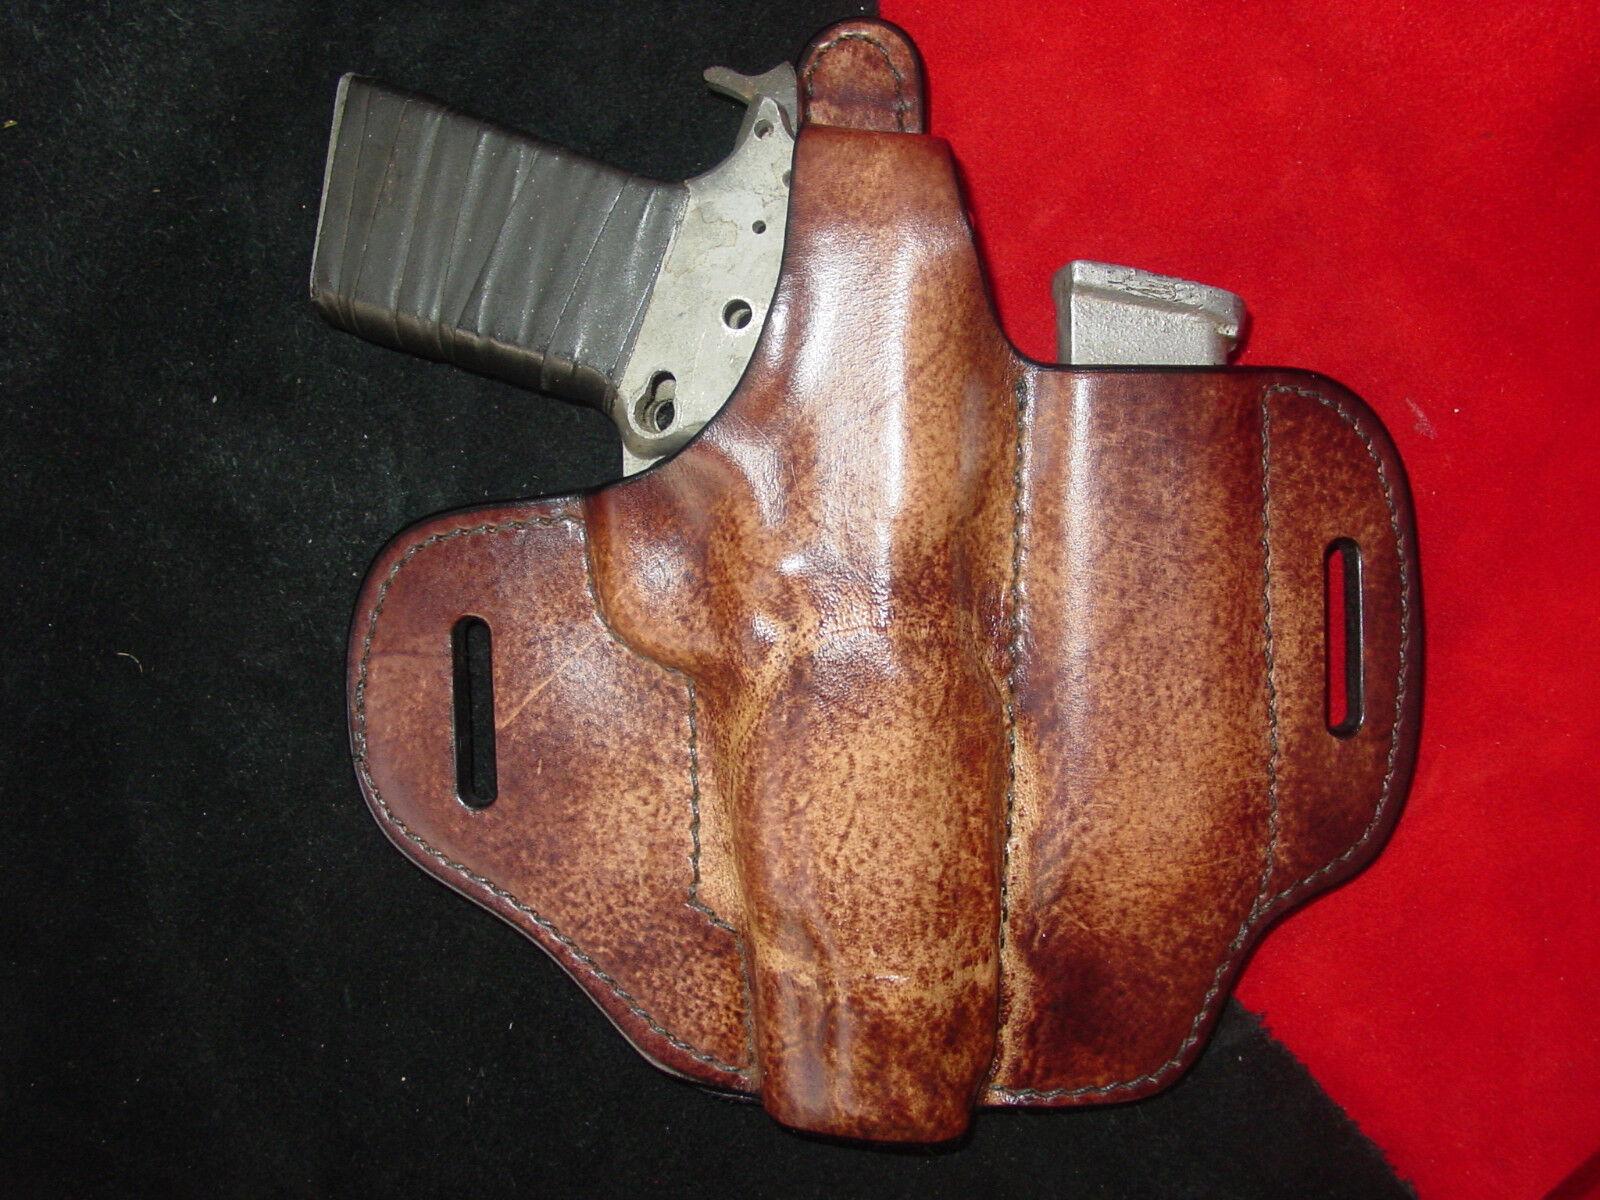 Colt, Sig, Springfield 1911 full Größe thumb break + mag holster B. Braun branded